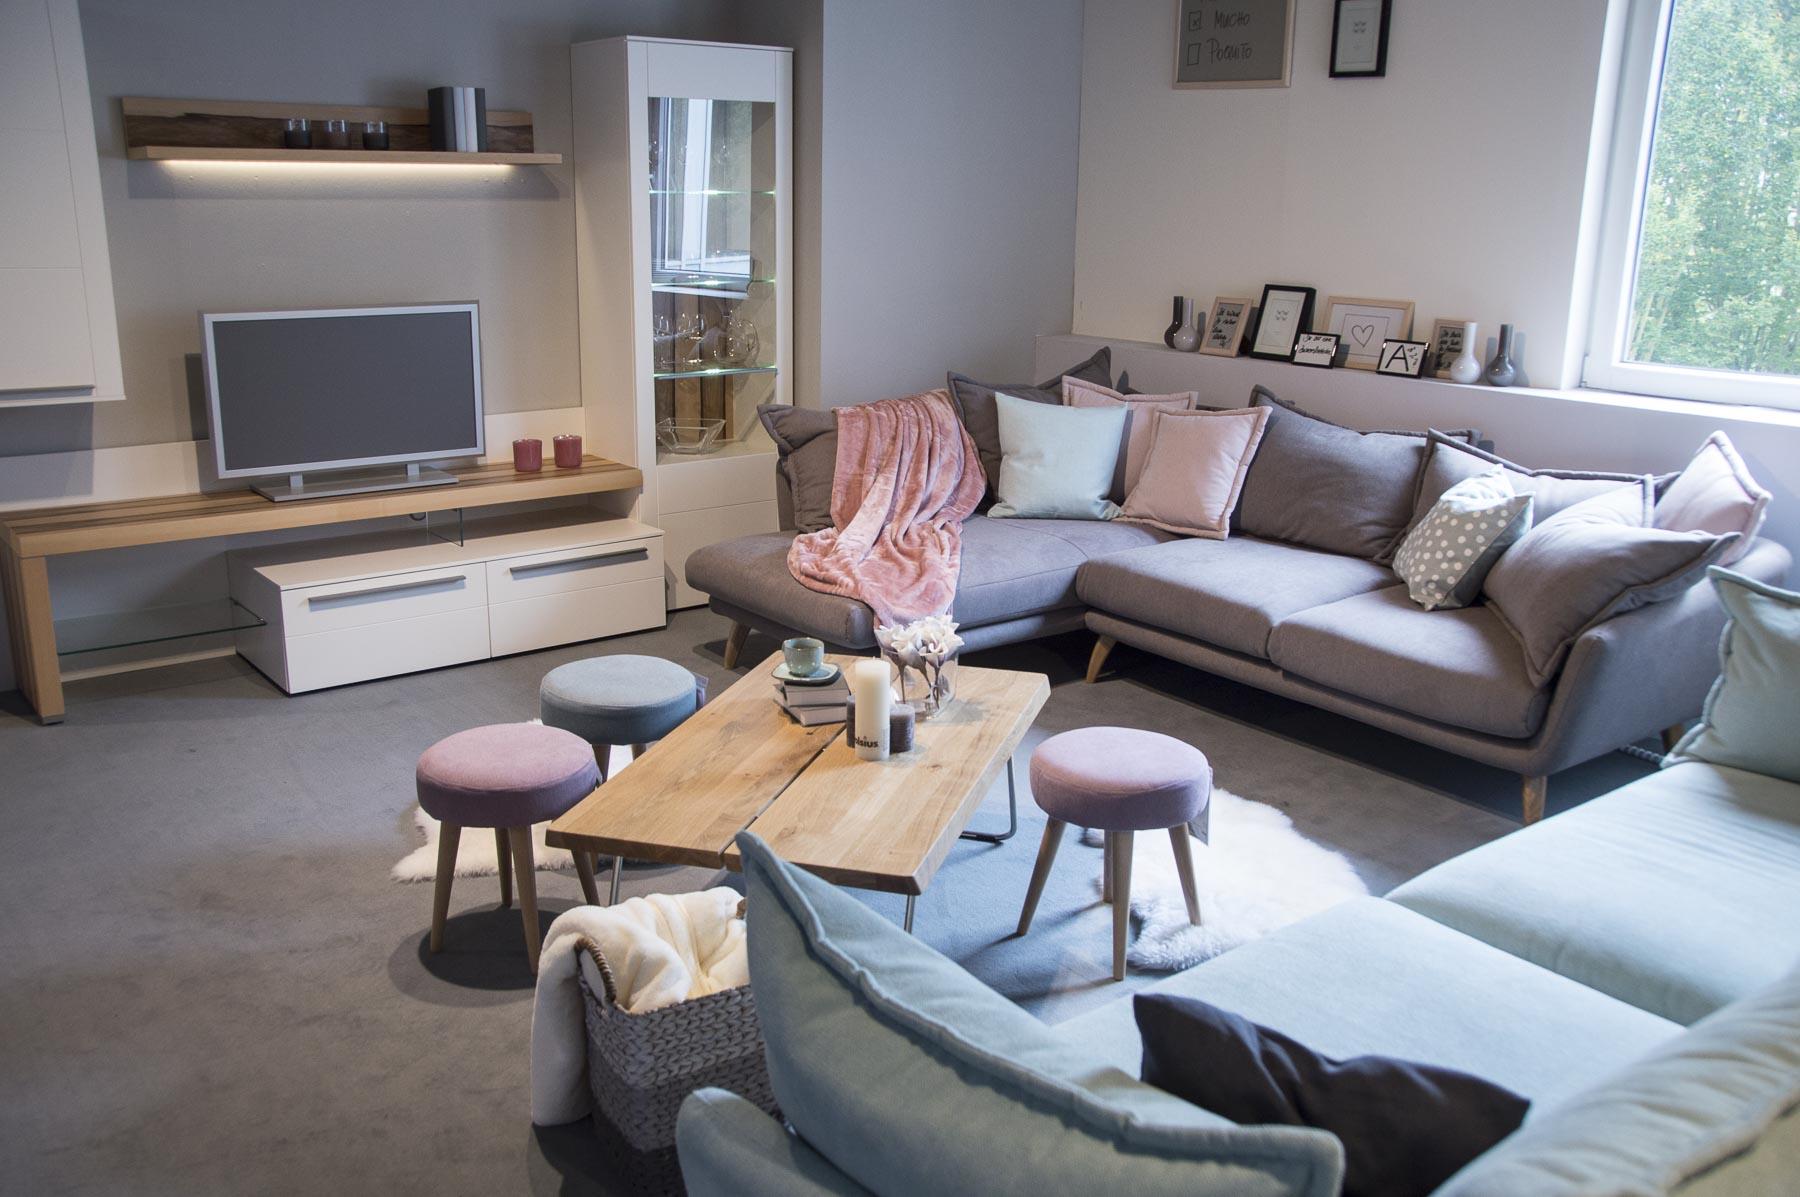 dekoration marie theres schindler beauty blog. Black Bedroom Furniture Sets. Home Design Ideas